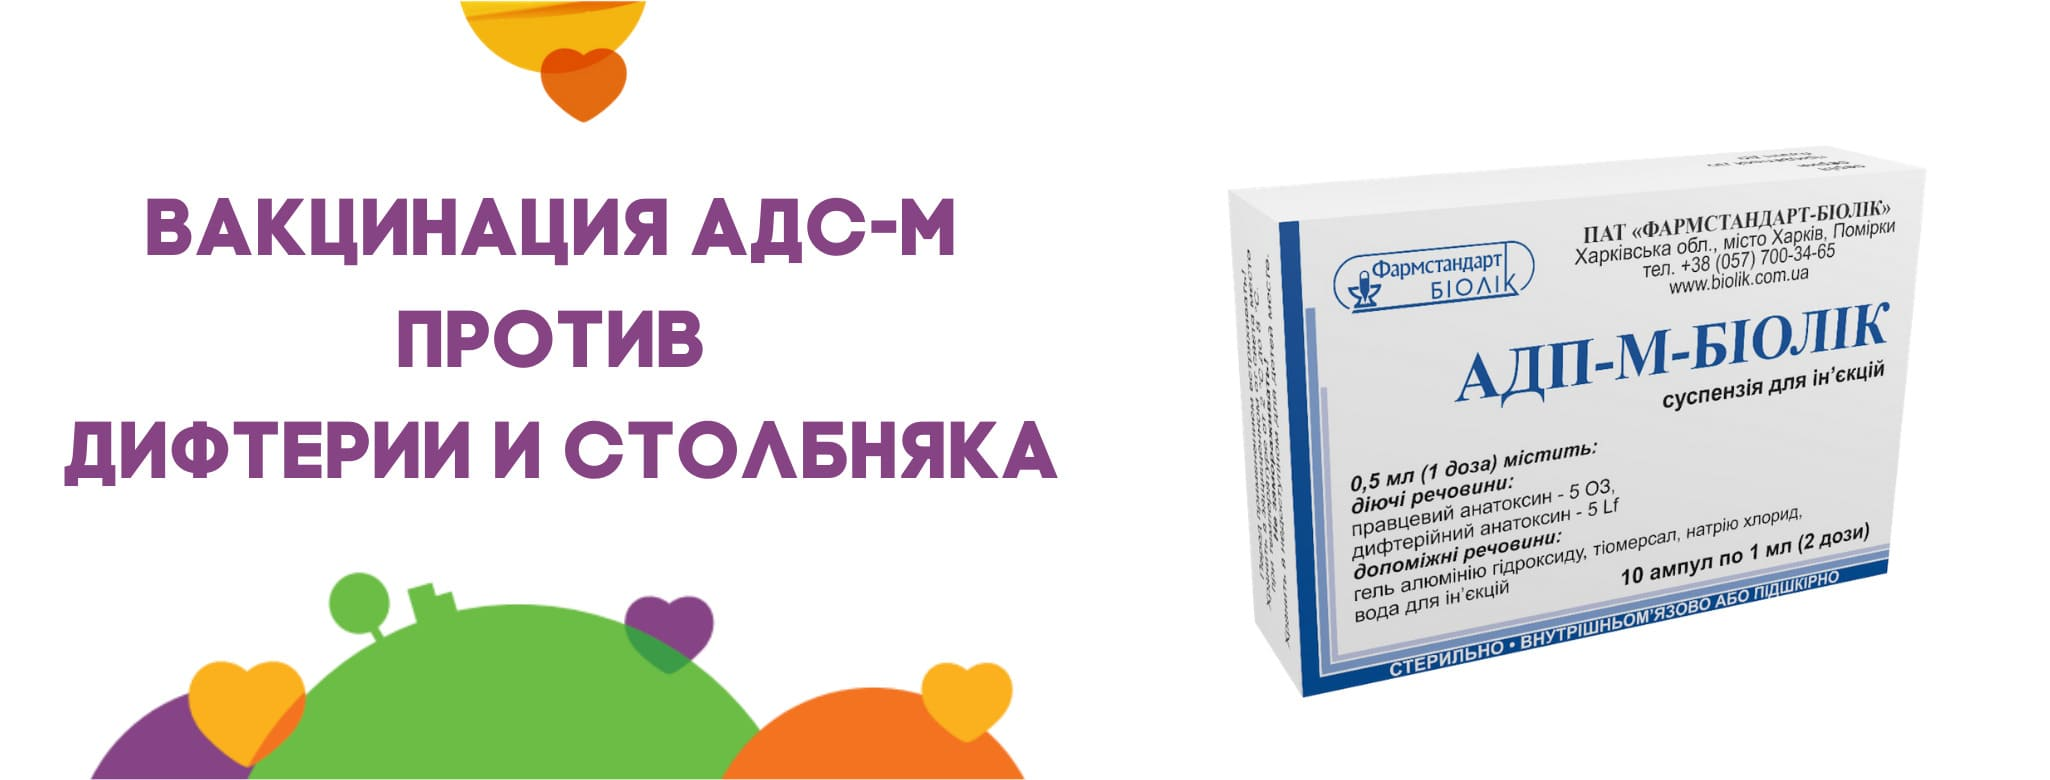 Вакцинация «АДС-М» — прививка от дифтерии и столбняка